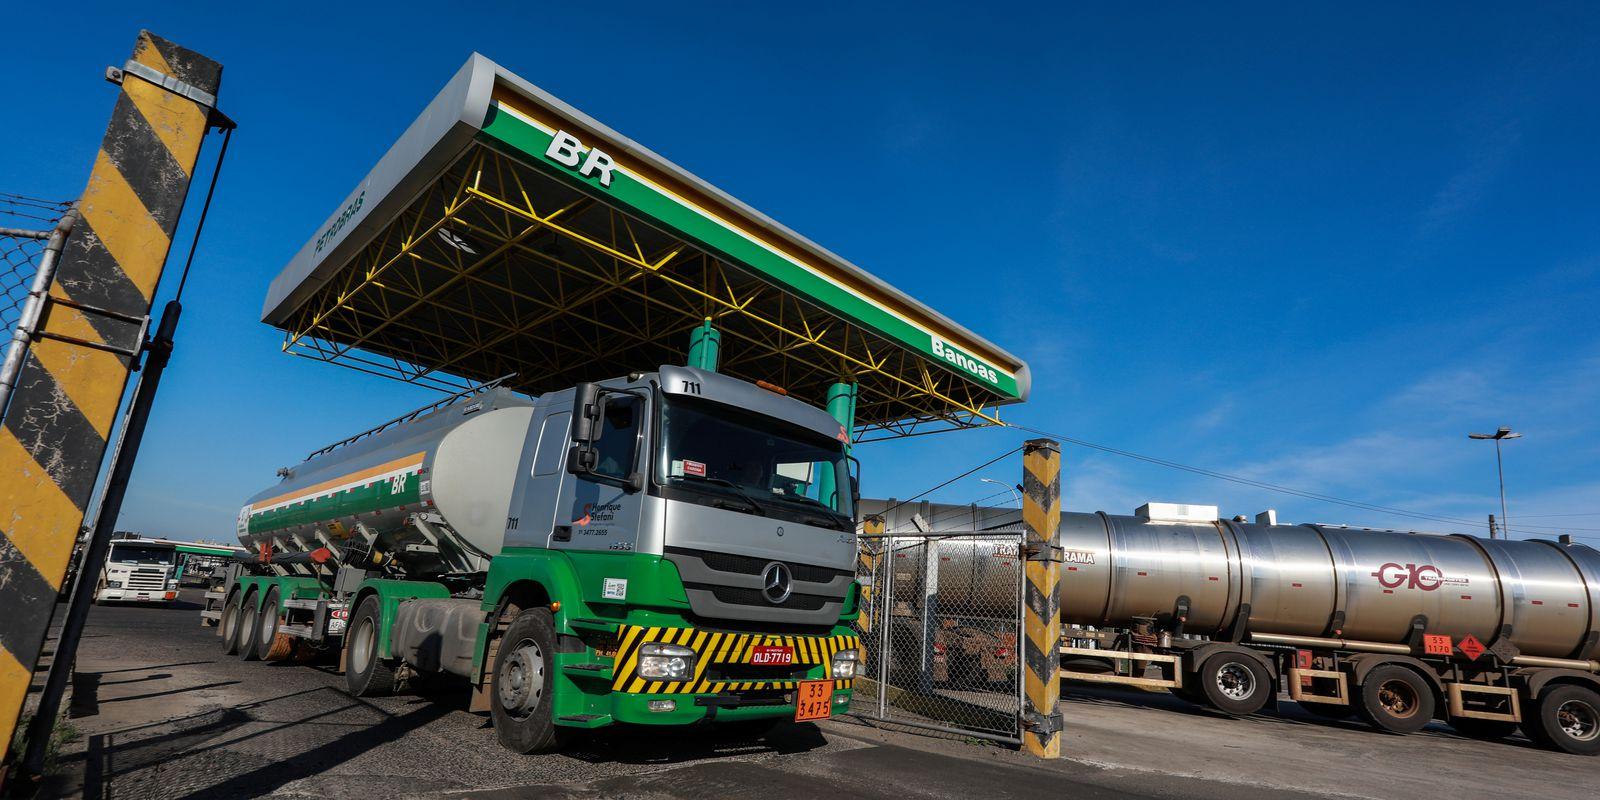 Caminhão-tanque em refinaria da Petrobras em Canoas (RS)